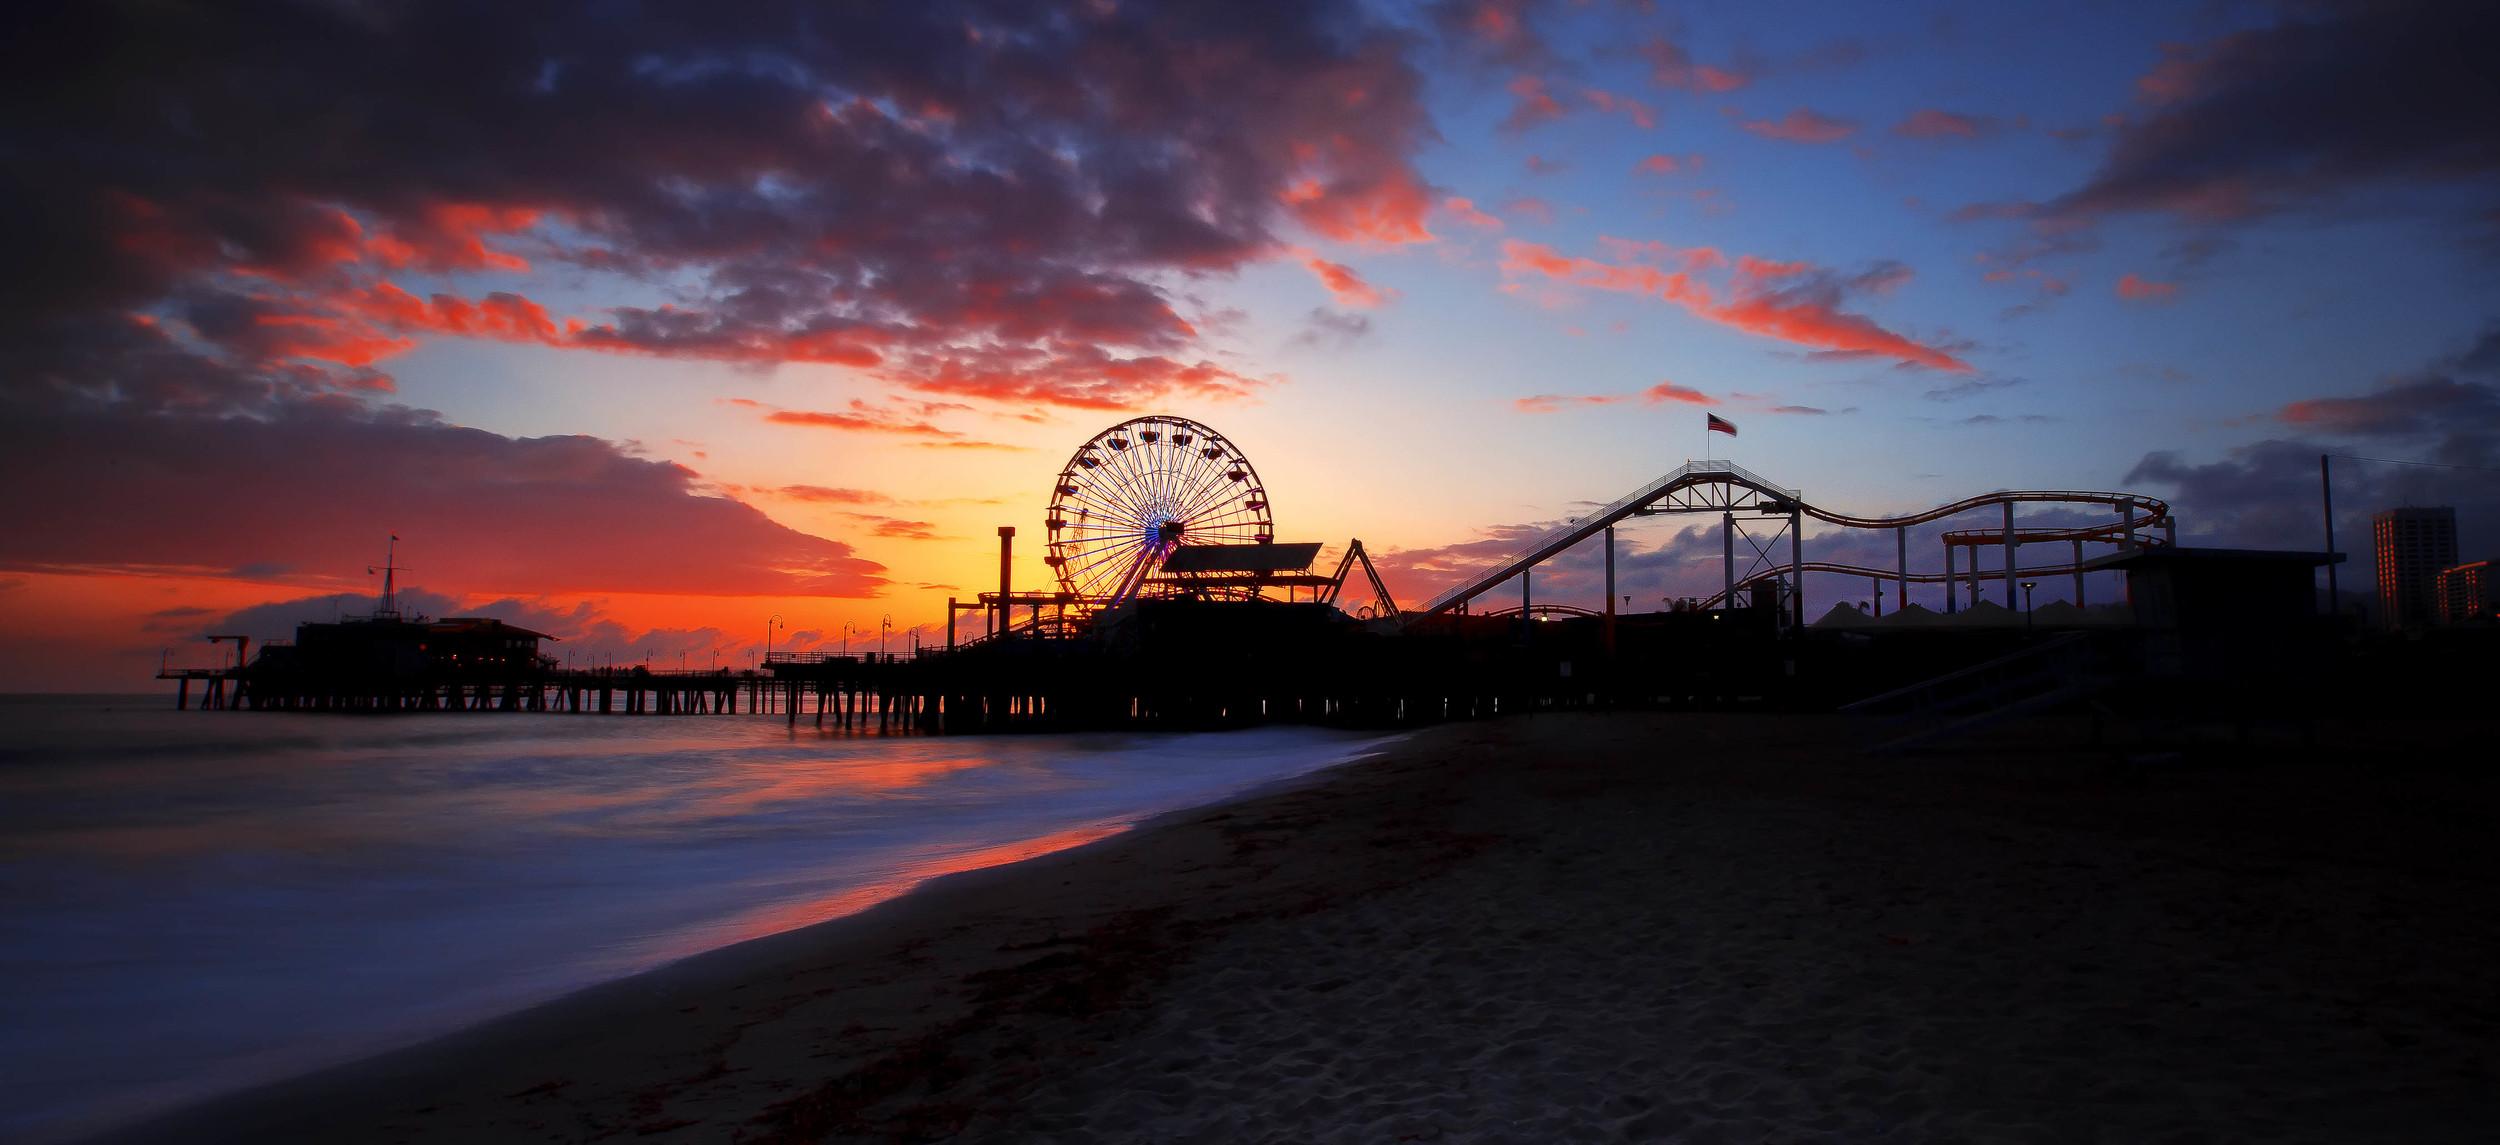 Santa Monica Pier, California. USA